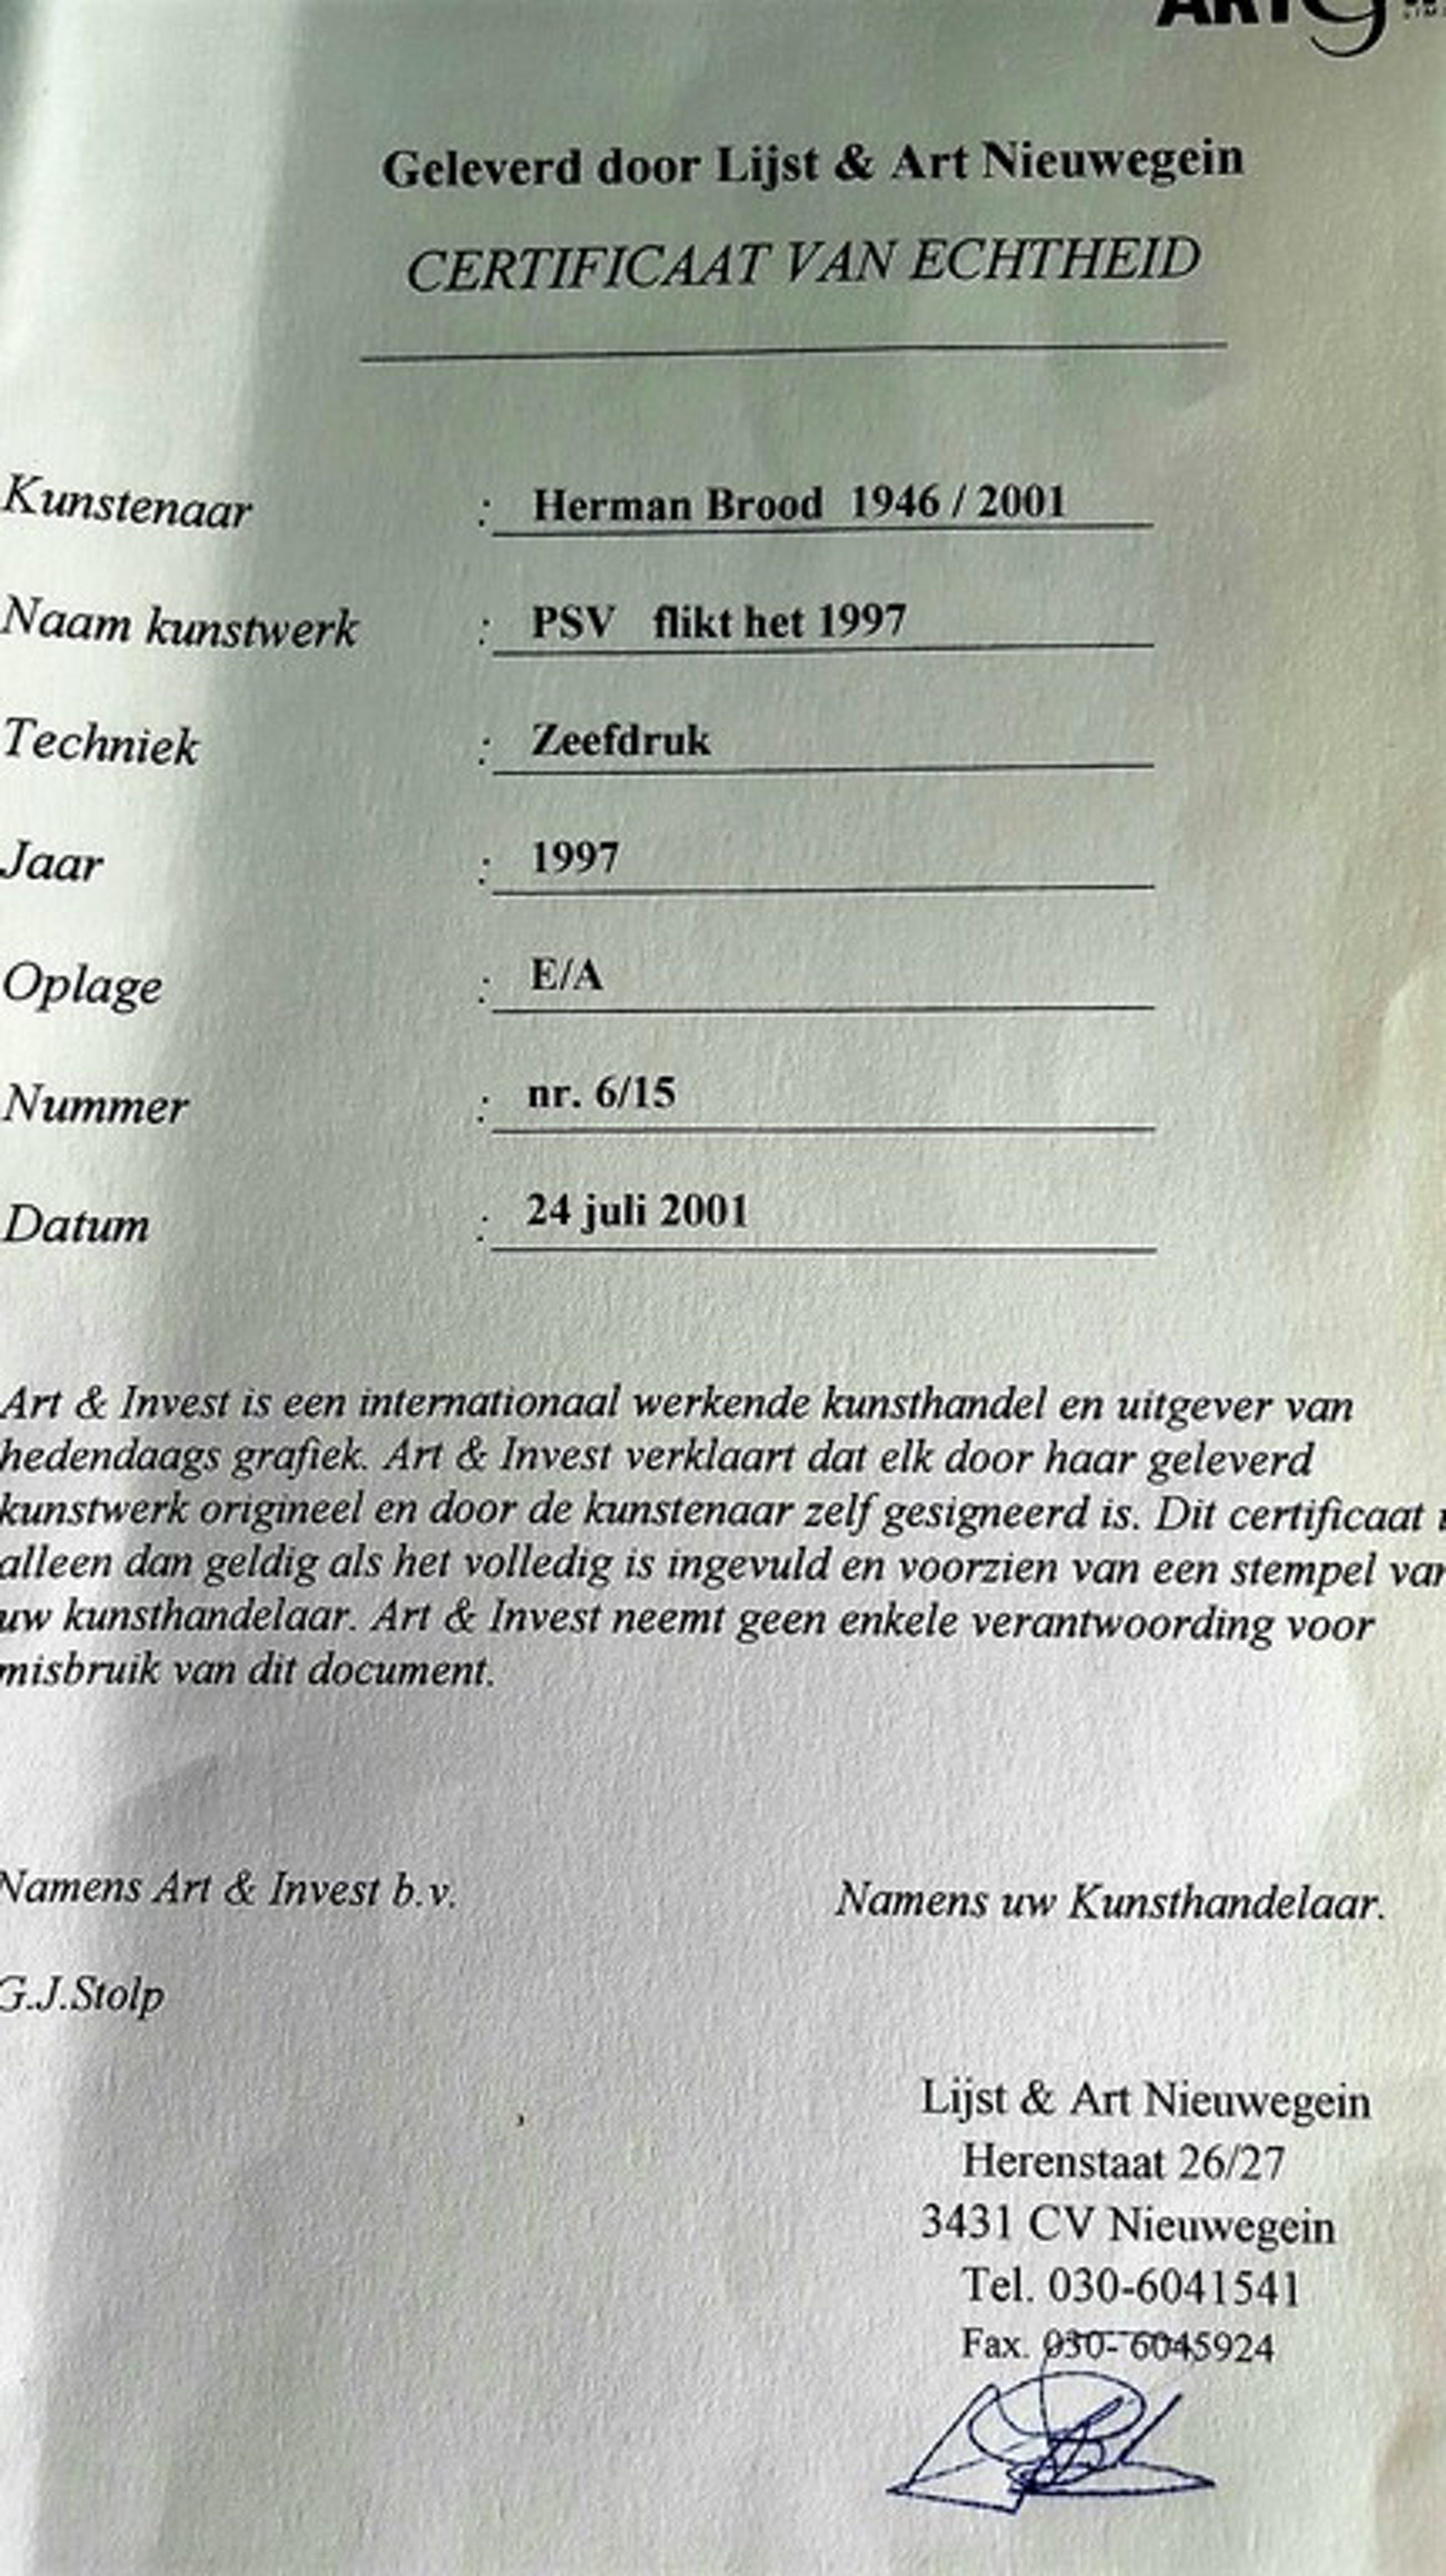 Herman Brood: zeefdruk, PSV flikt het kopen? Bied vanaf 200!